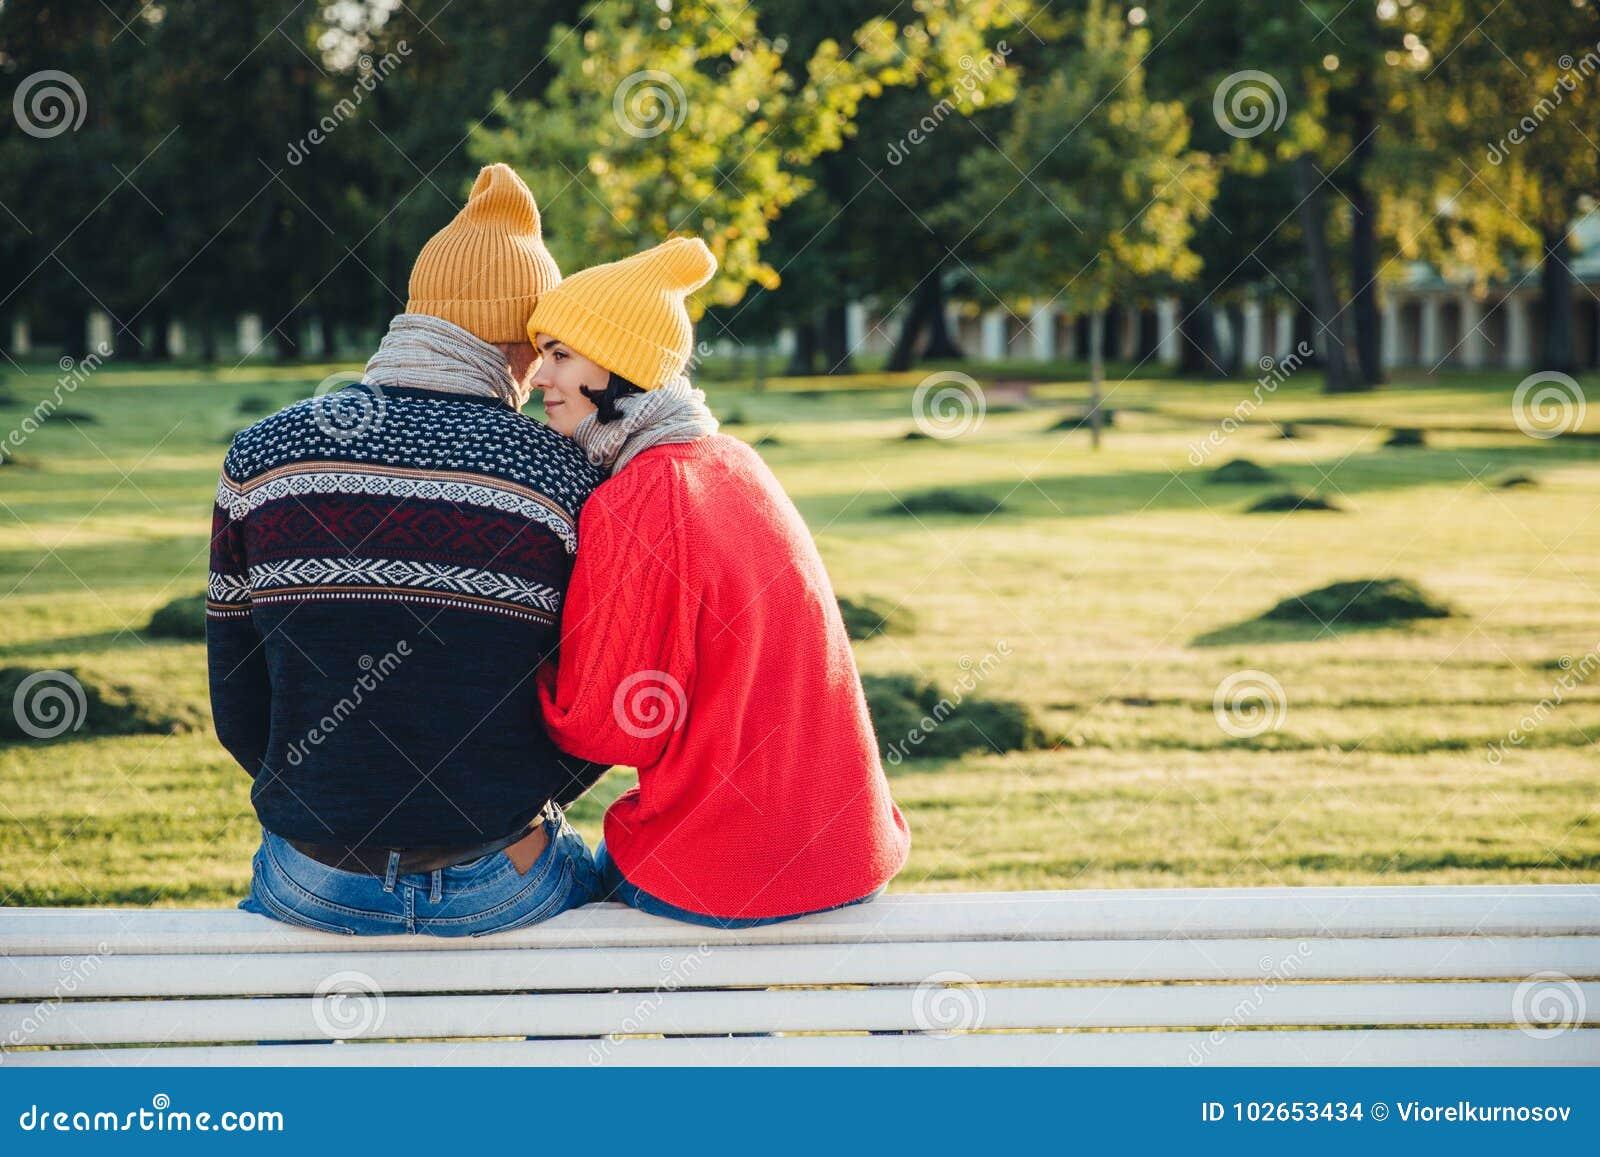 Os pares bonitos sentam-se no banco junto, vestem a roupa morna e os chapéus feitos malha, abraçam-se, o amor expresso e o bom re